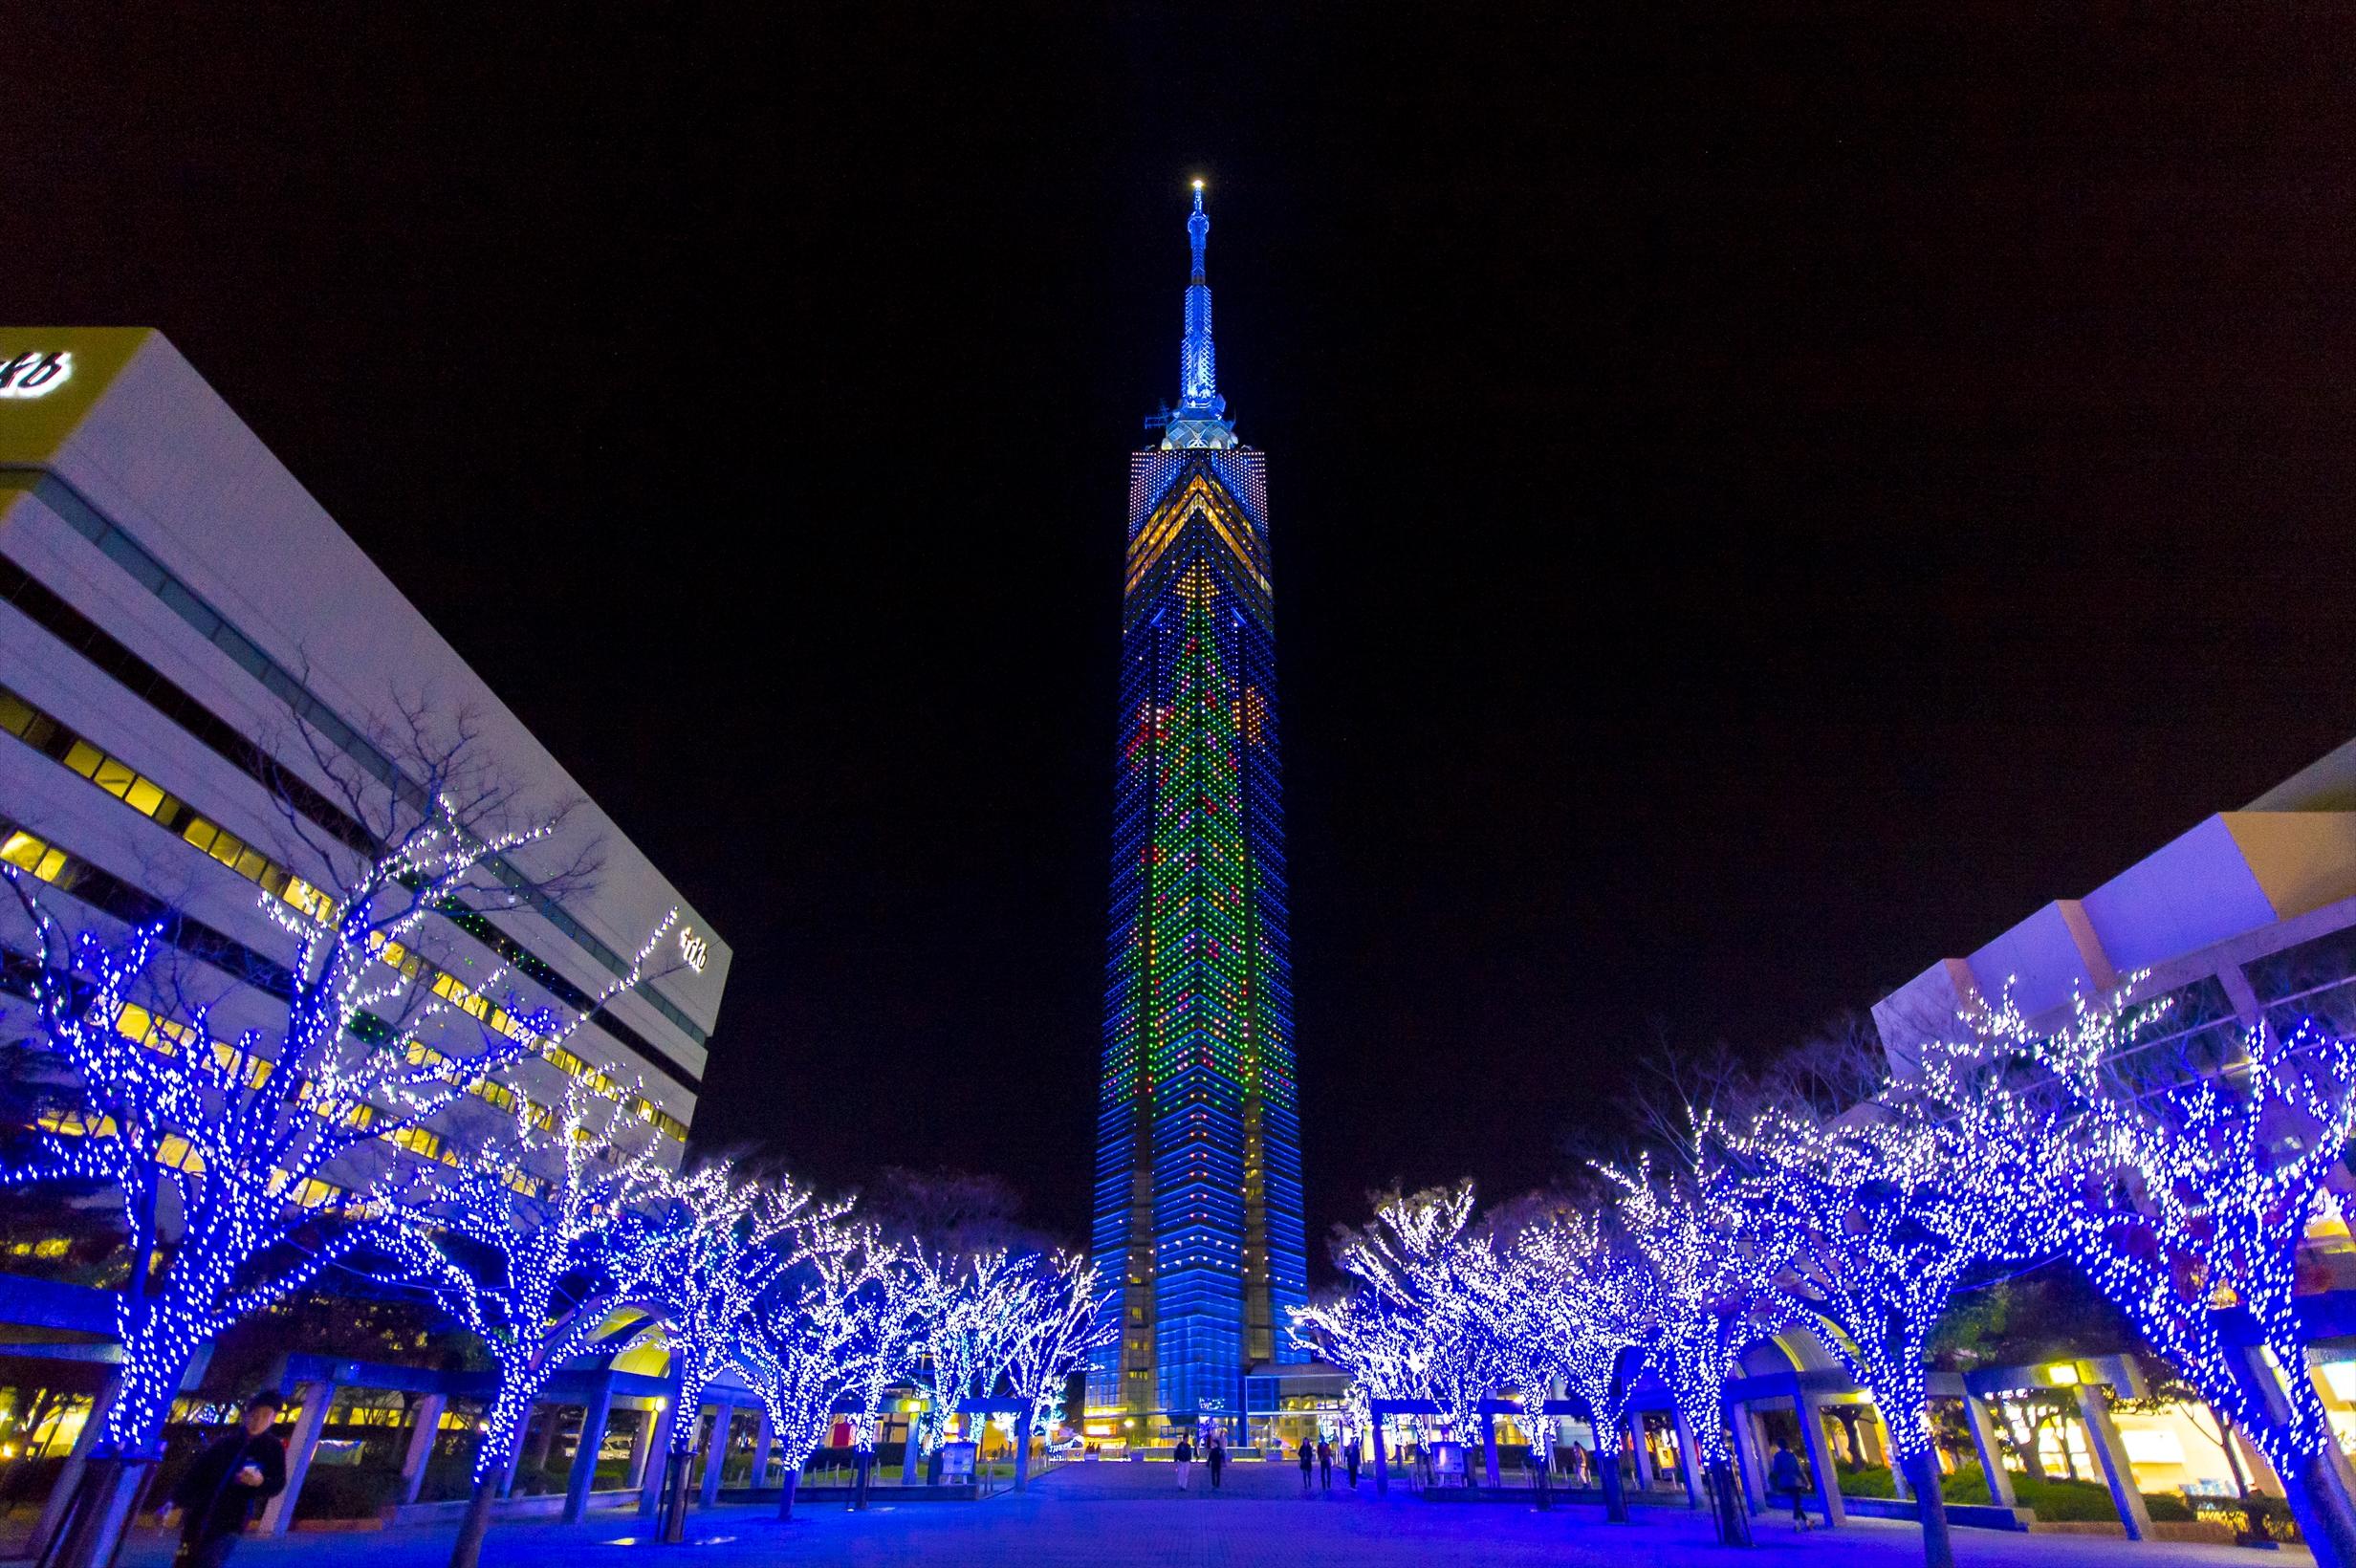 ブルーライトクリスマス TNC放送会館 2019